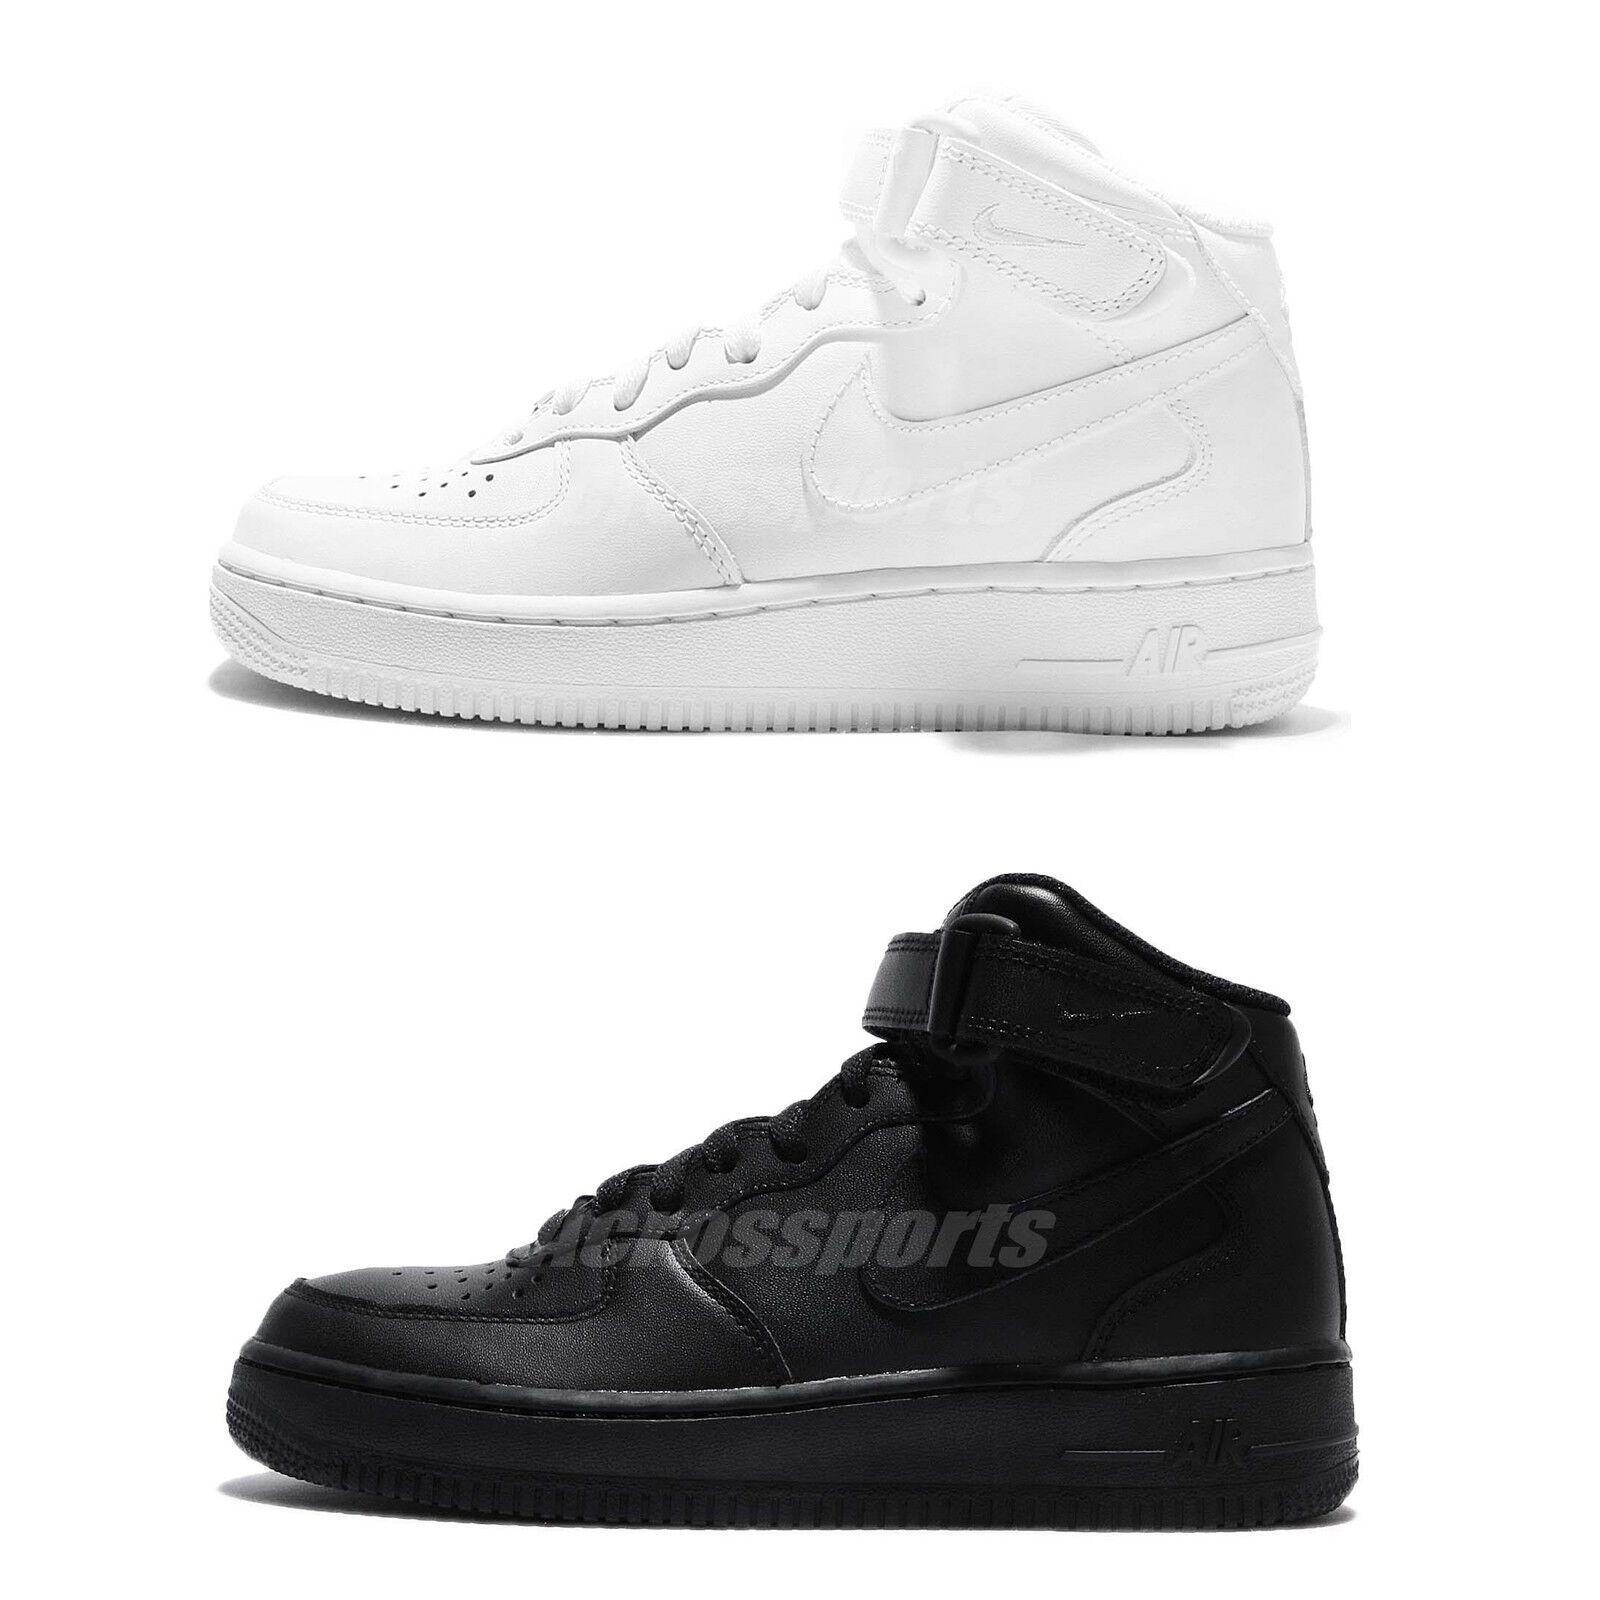 Nike air force 1 metà 07 le uno uno uno nero   bianco uomini classico scarpe scarpe a 1 | Nuovo Stile  | Uomo/Donne Scarpa  3df7e4